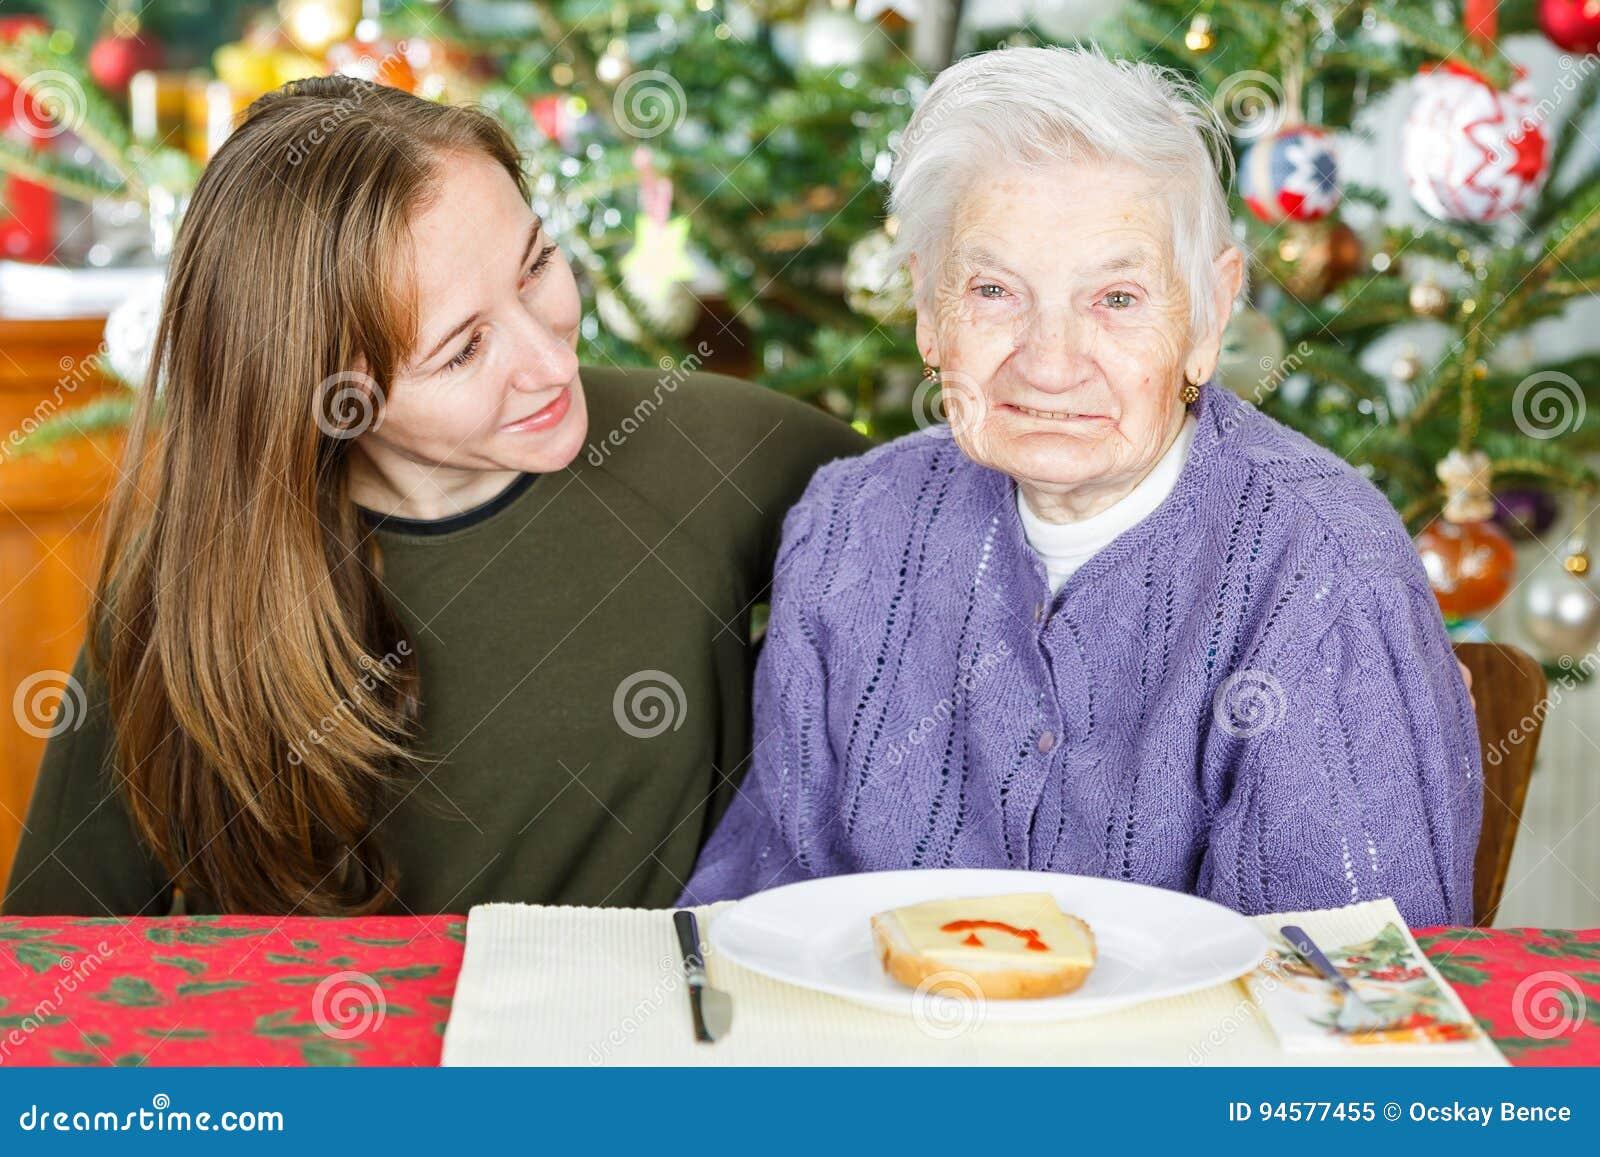 Сделать лего фото пожилая сидит на молодой порно русском